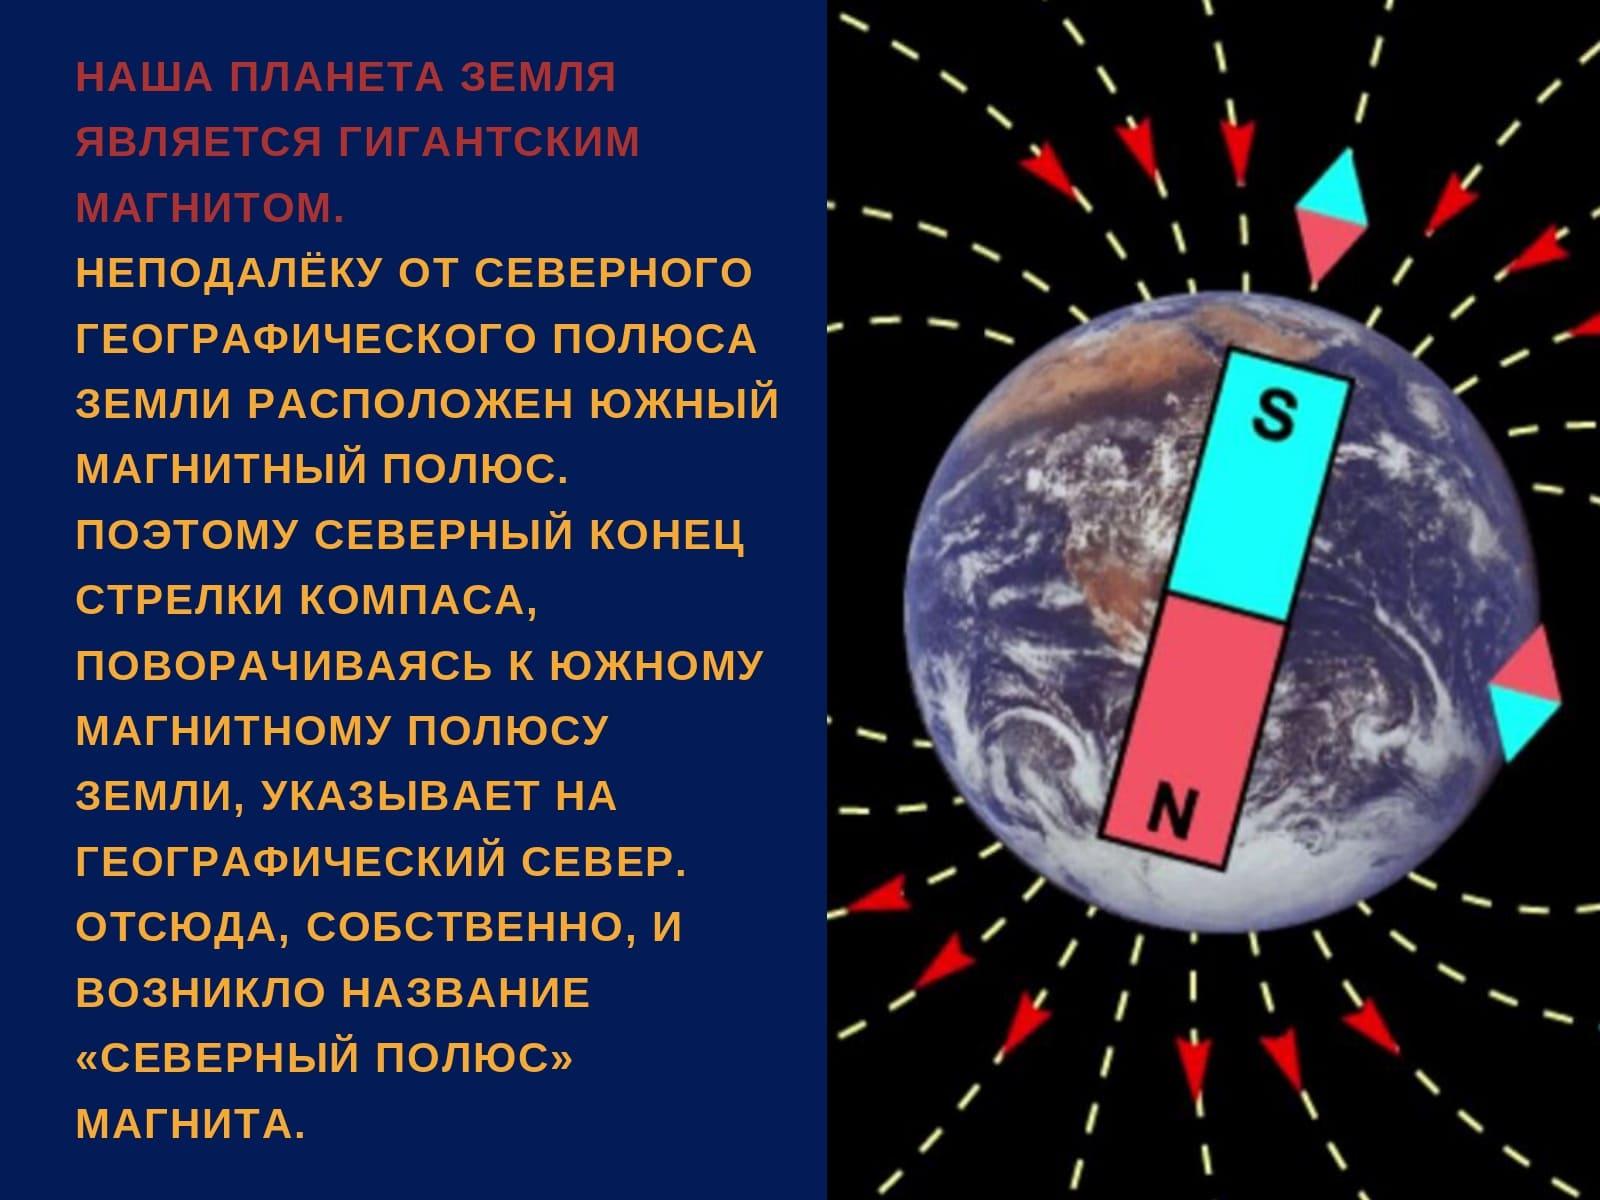 наша планета земля является гигантским магнитом